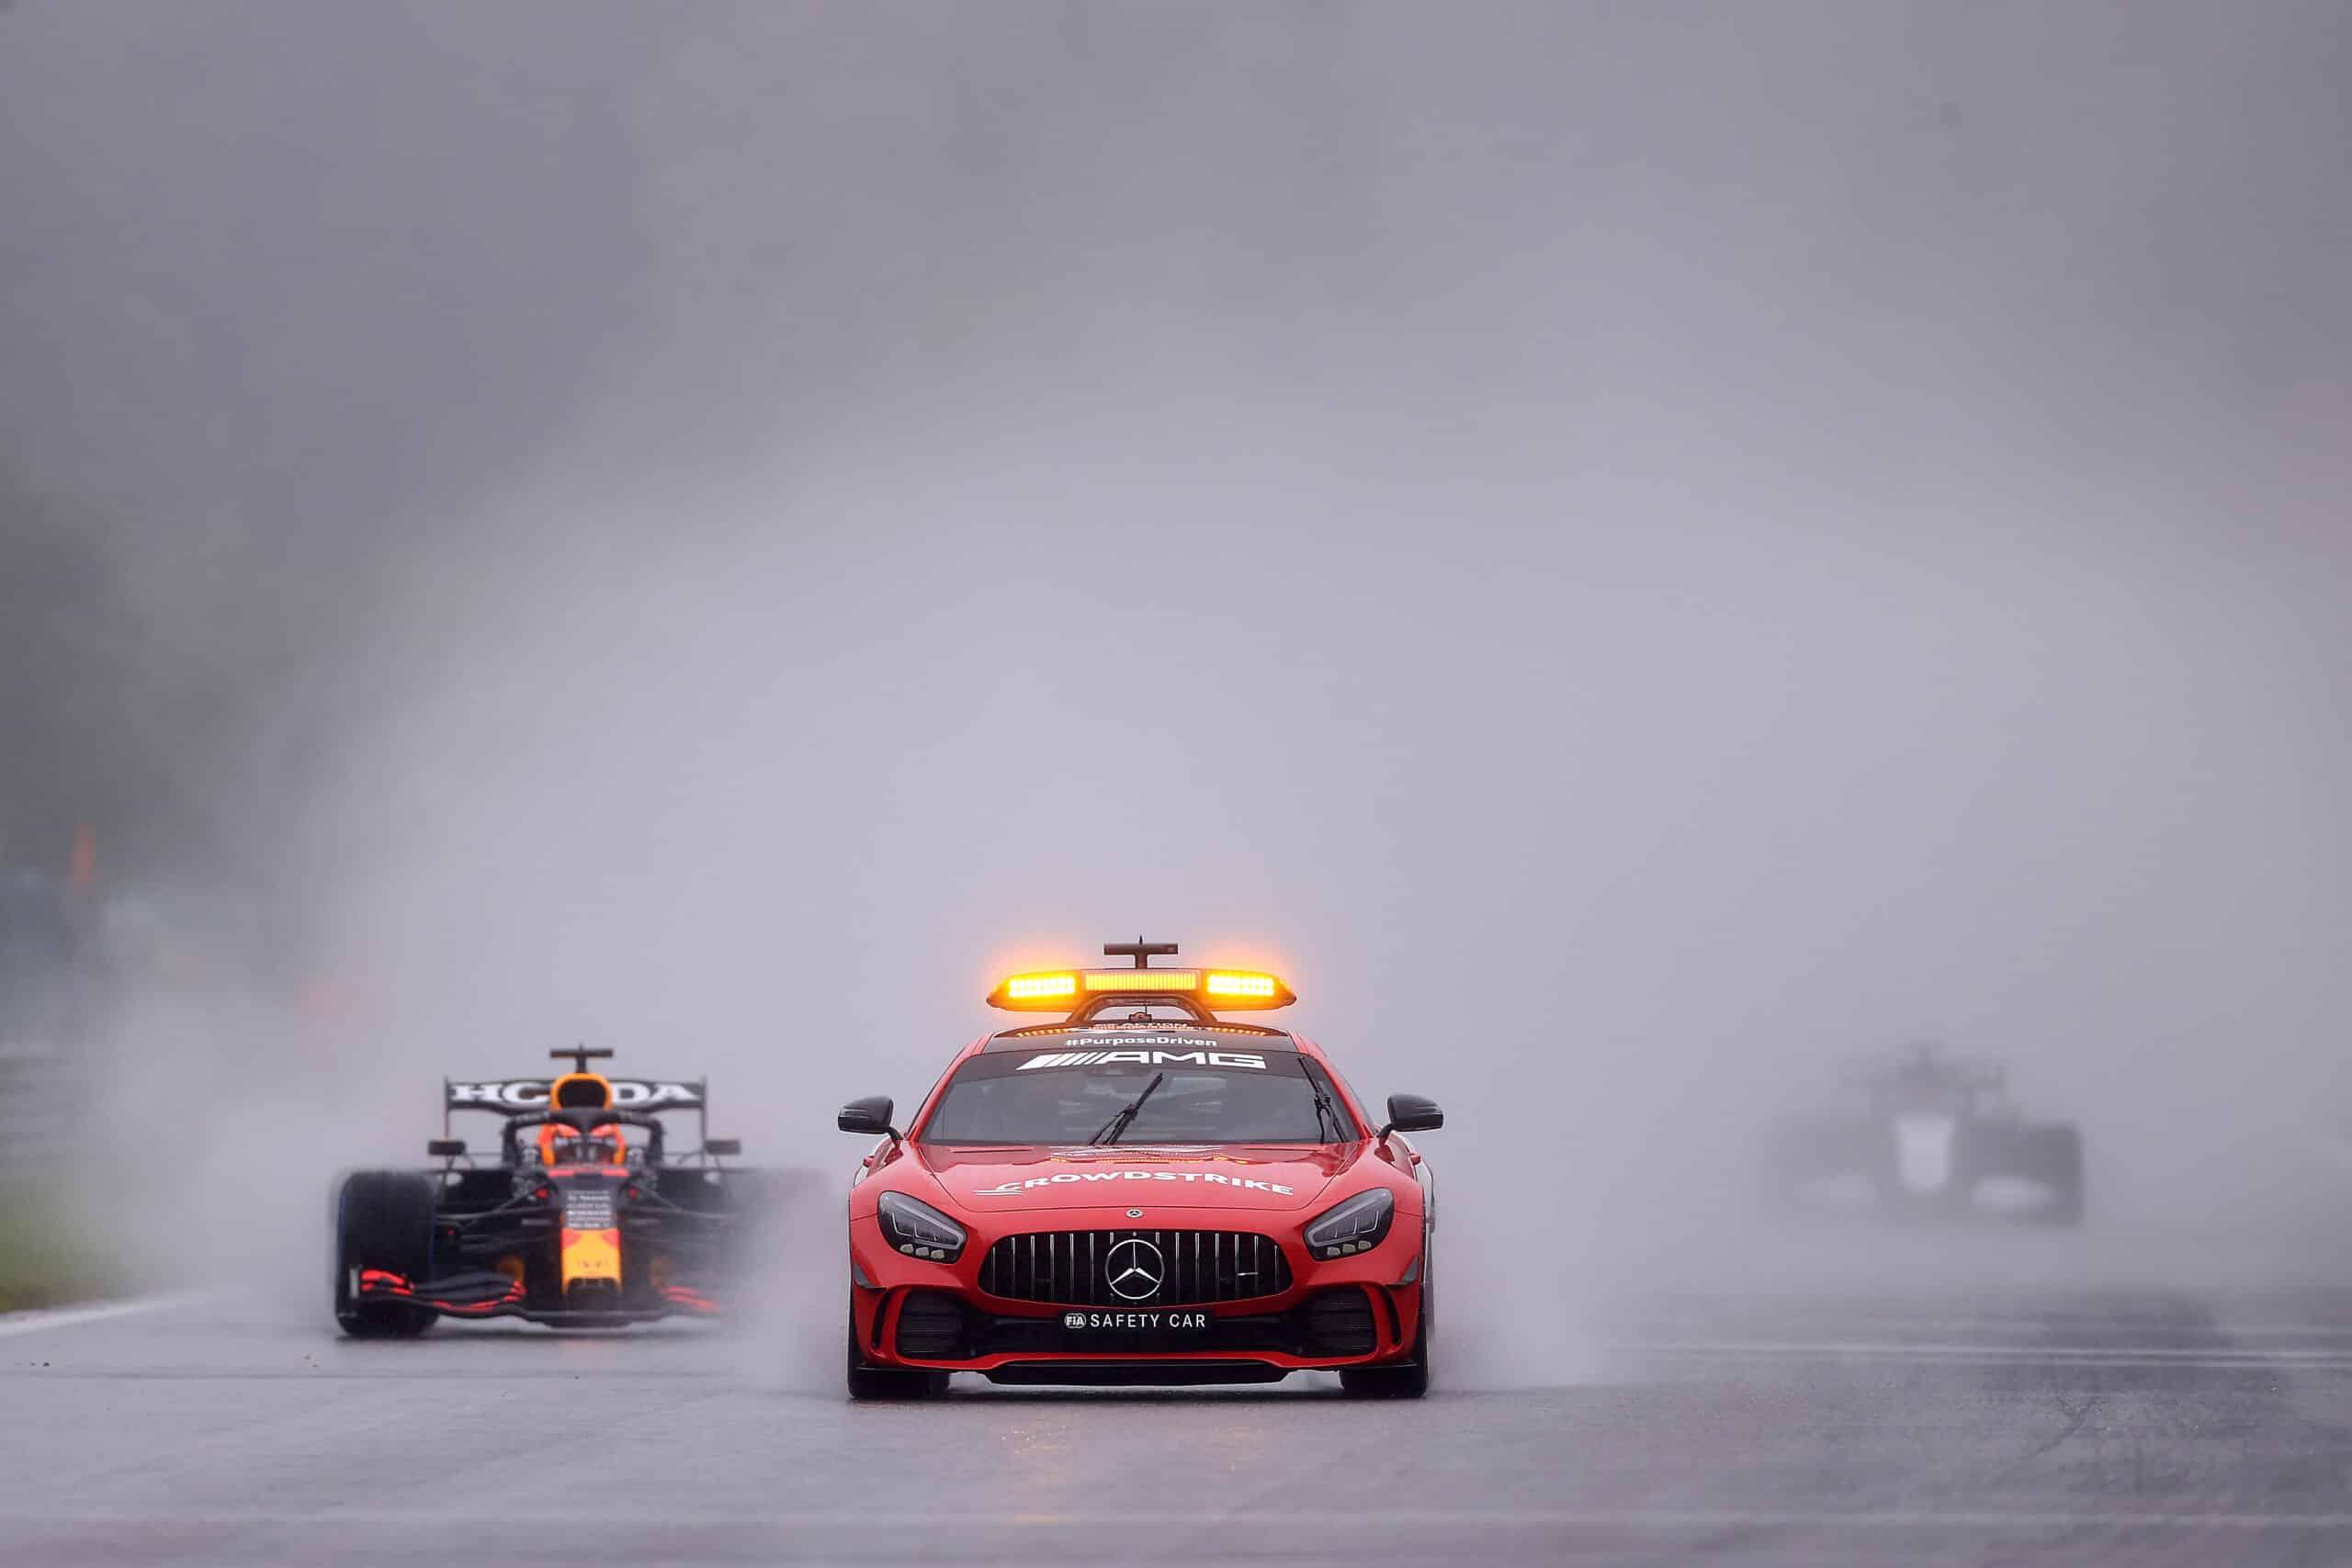 GP de Bélgica registrado como la carrera de F1 más corta de la historia